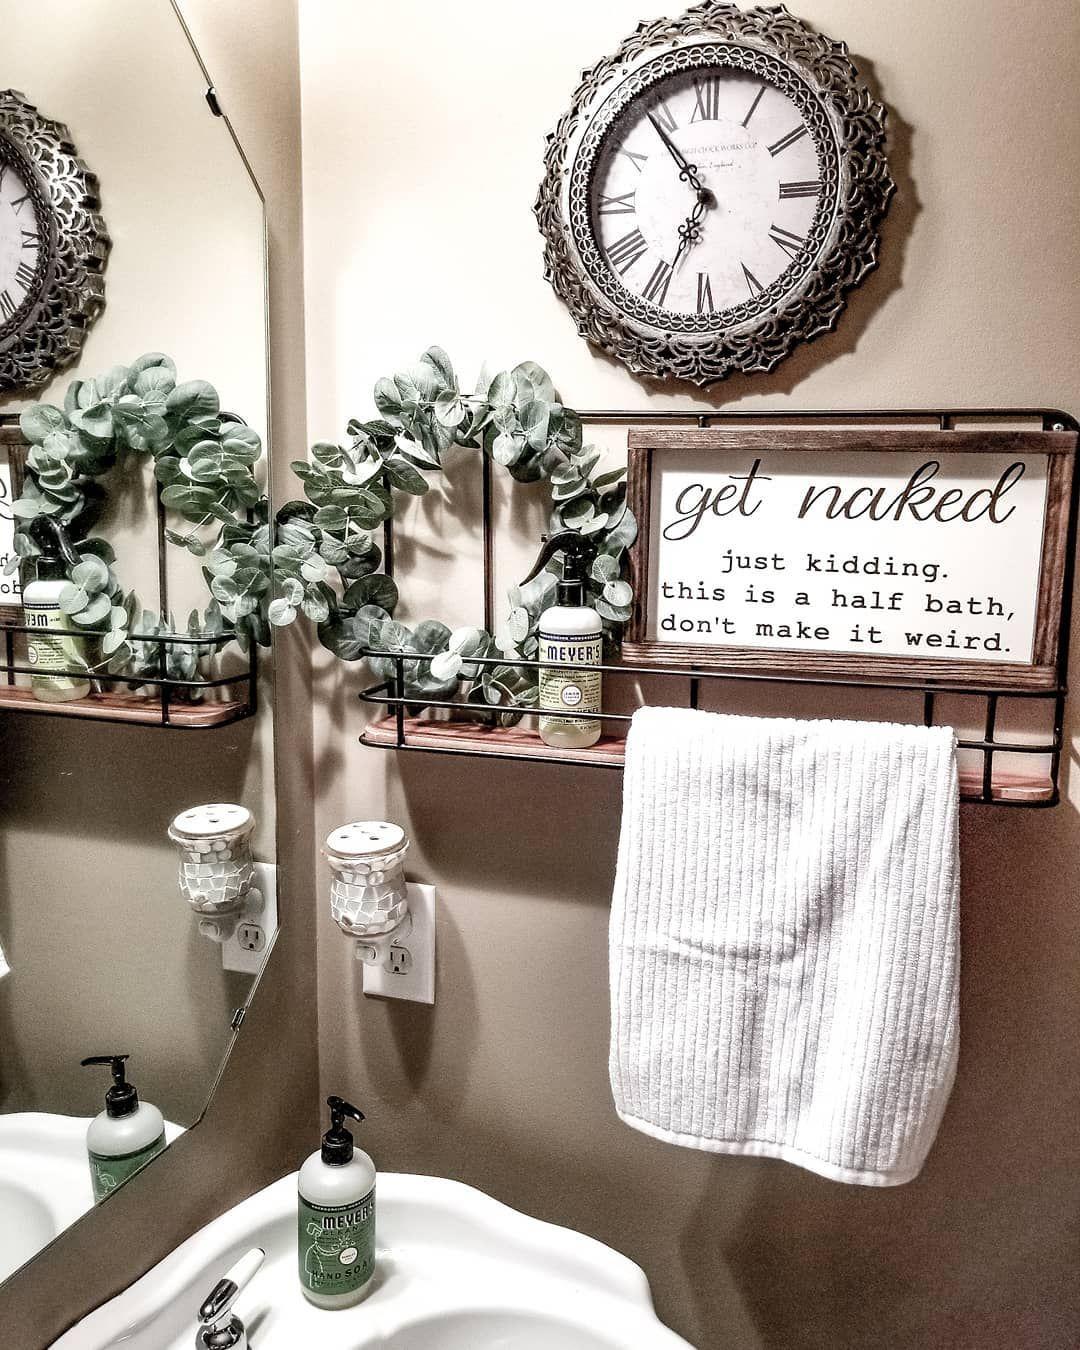 Bathroom decor, farmhouse bathroom, magnolia hearth and hand